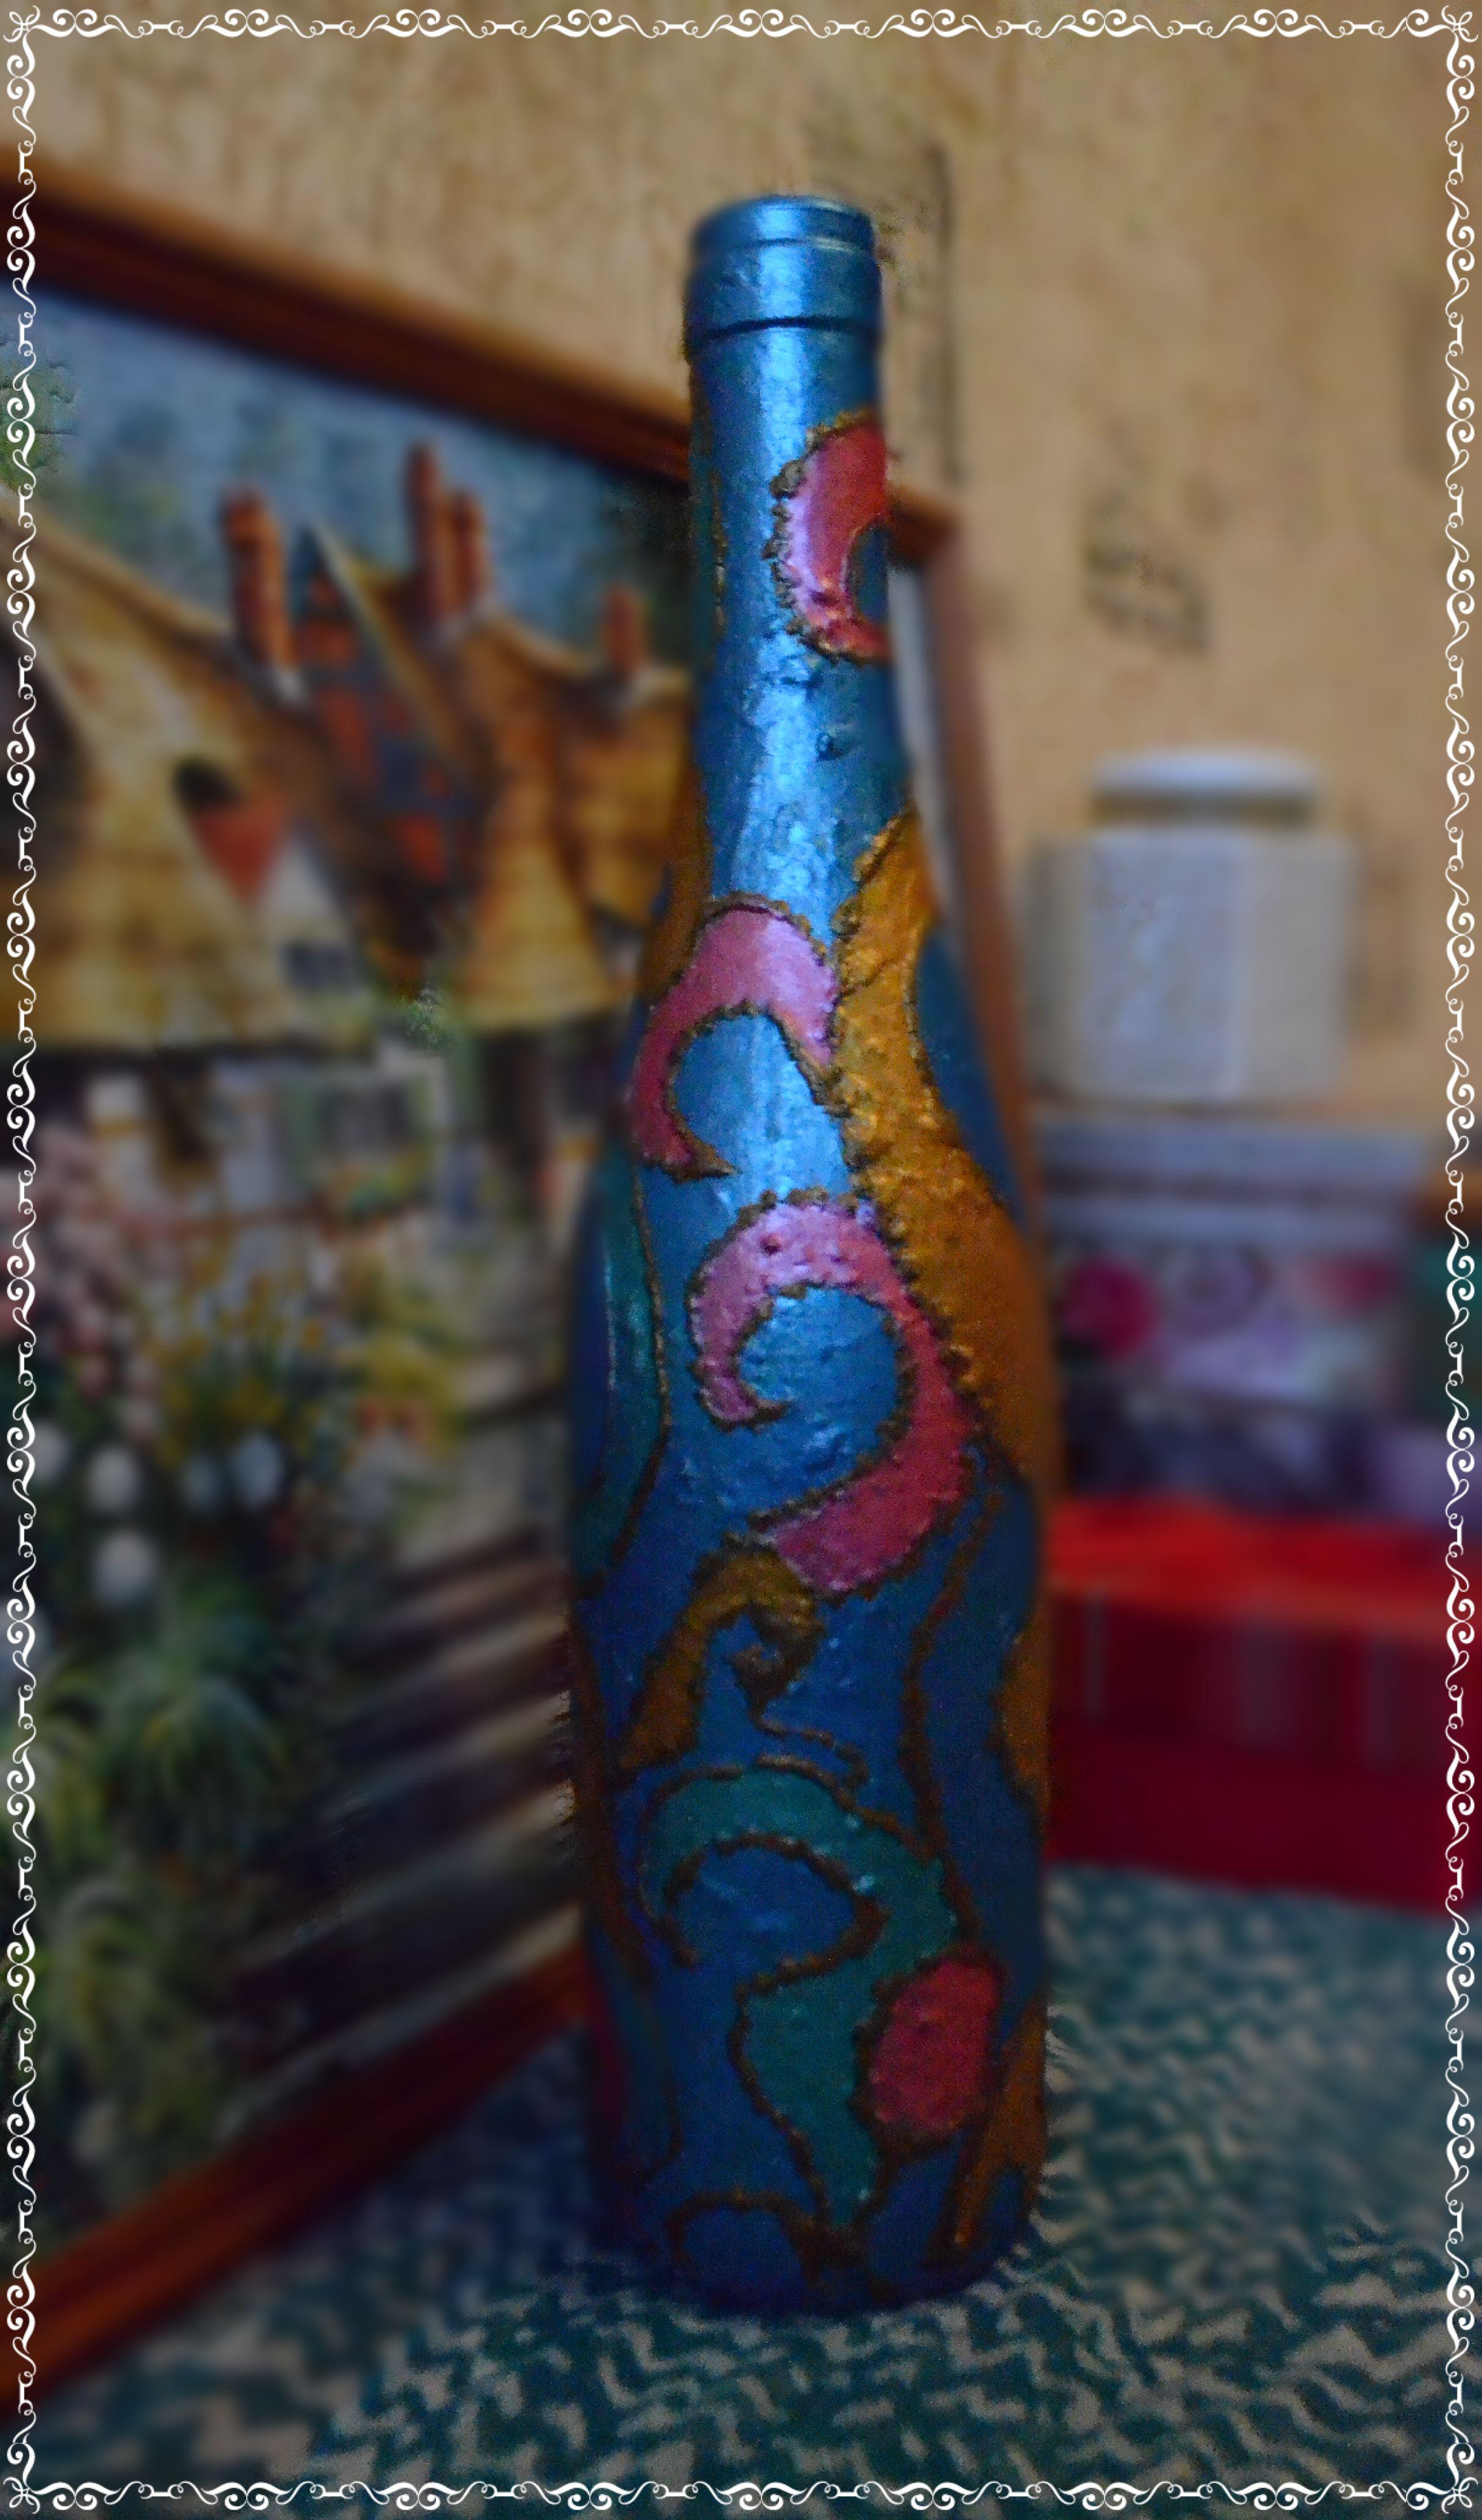 подруге тёмносиний жене декор случай бутылка на ваза роспись декоративная подарок девушке маме марта 8 любой